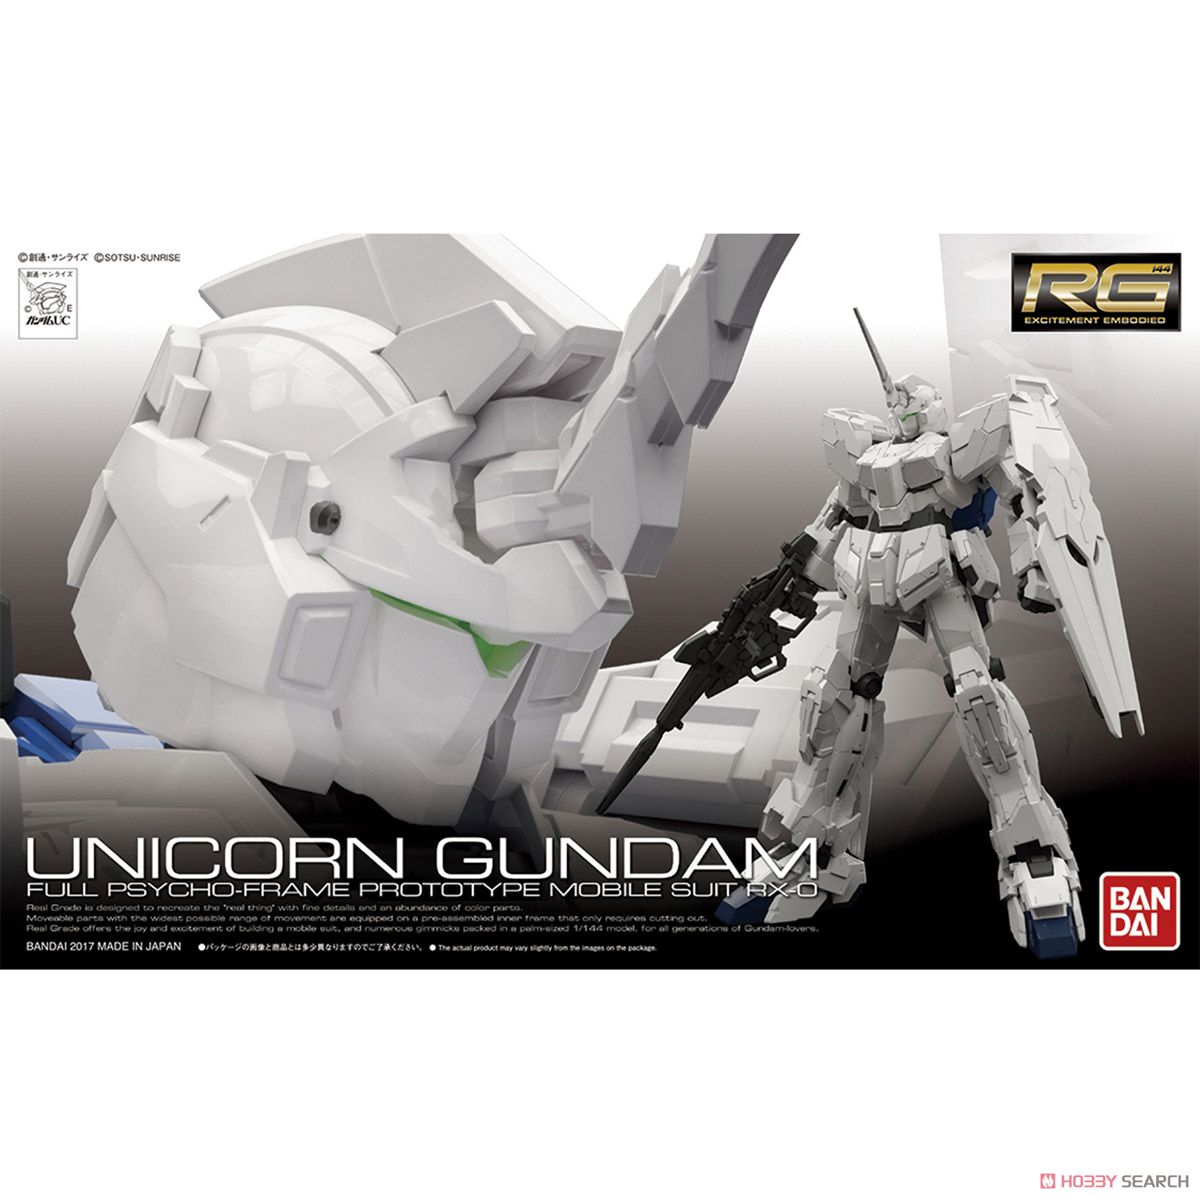 *หน้ากล่องlimited* RG 1/144 Unicorn Gundam 3,800Yen (*First Limited Package)